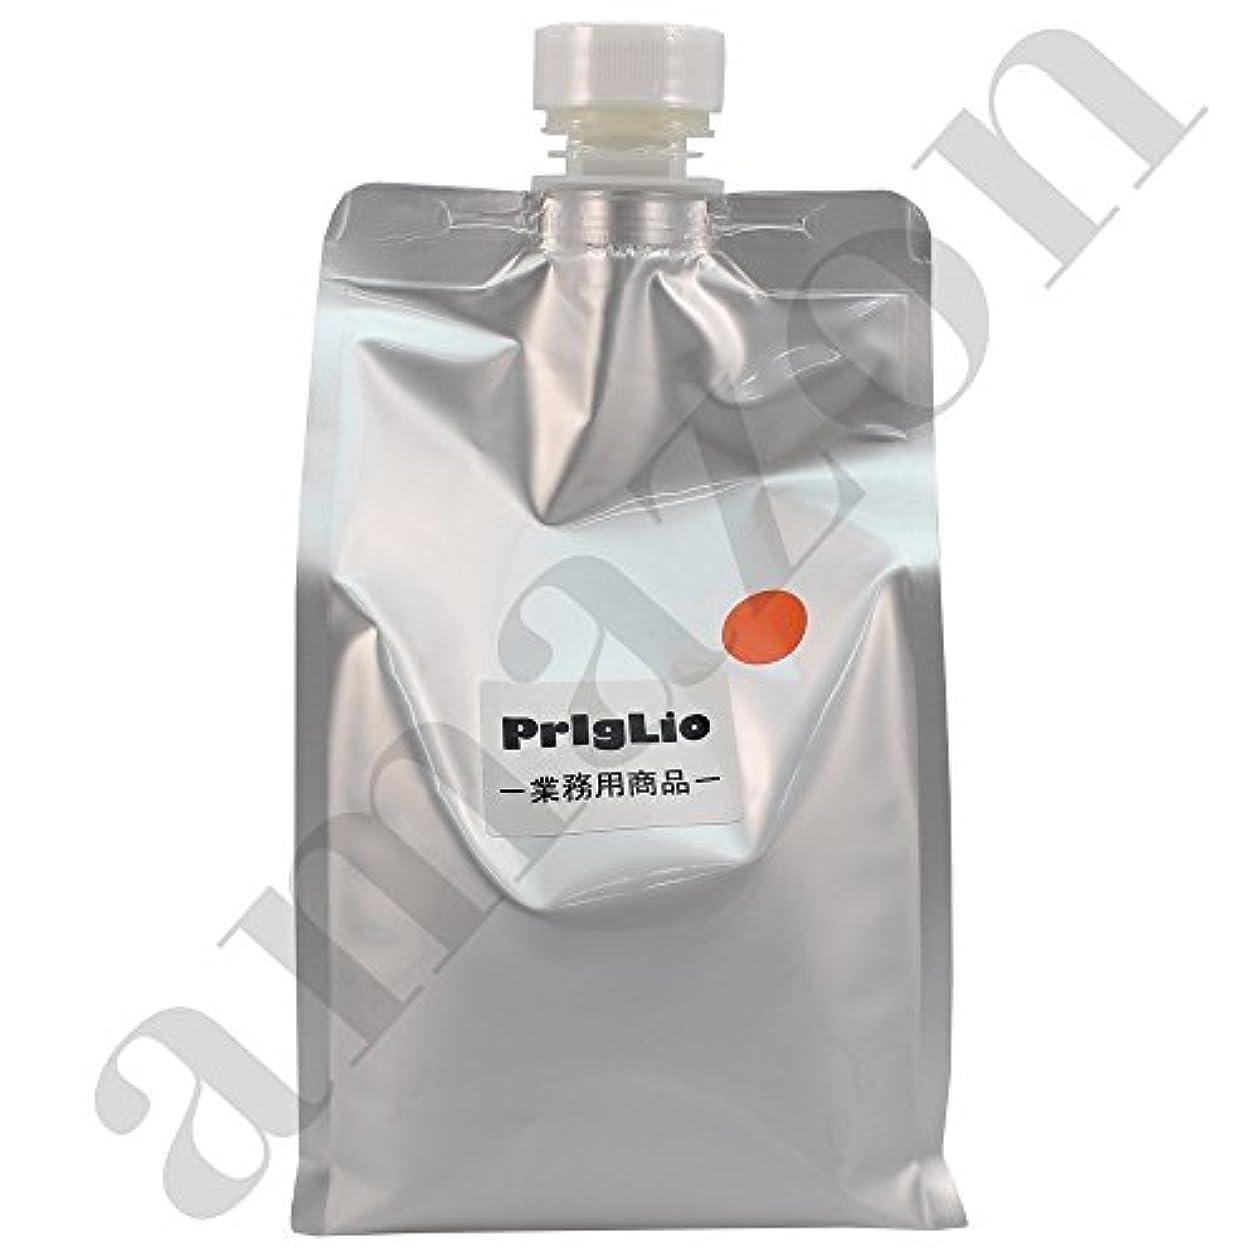 骨の折れるキノコ取り出すPrigLio(プリグリオ) D オレンジシャンプー 900ml